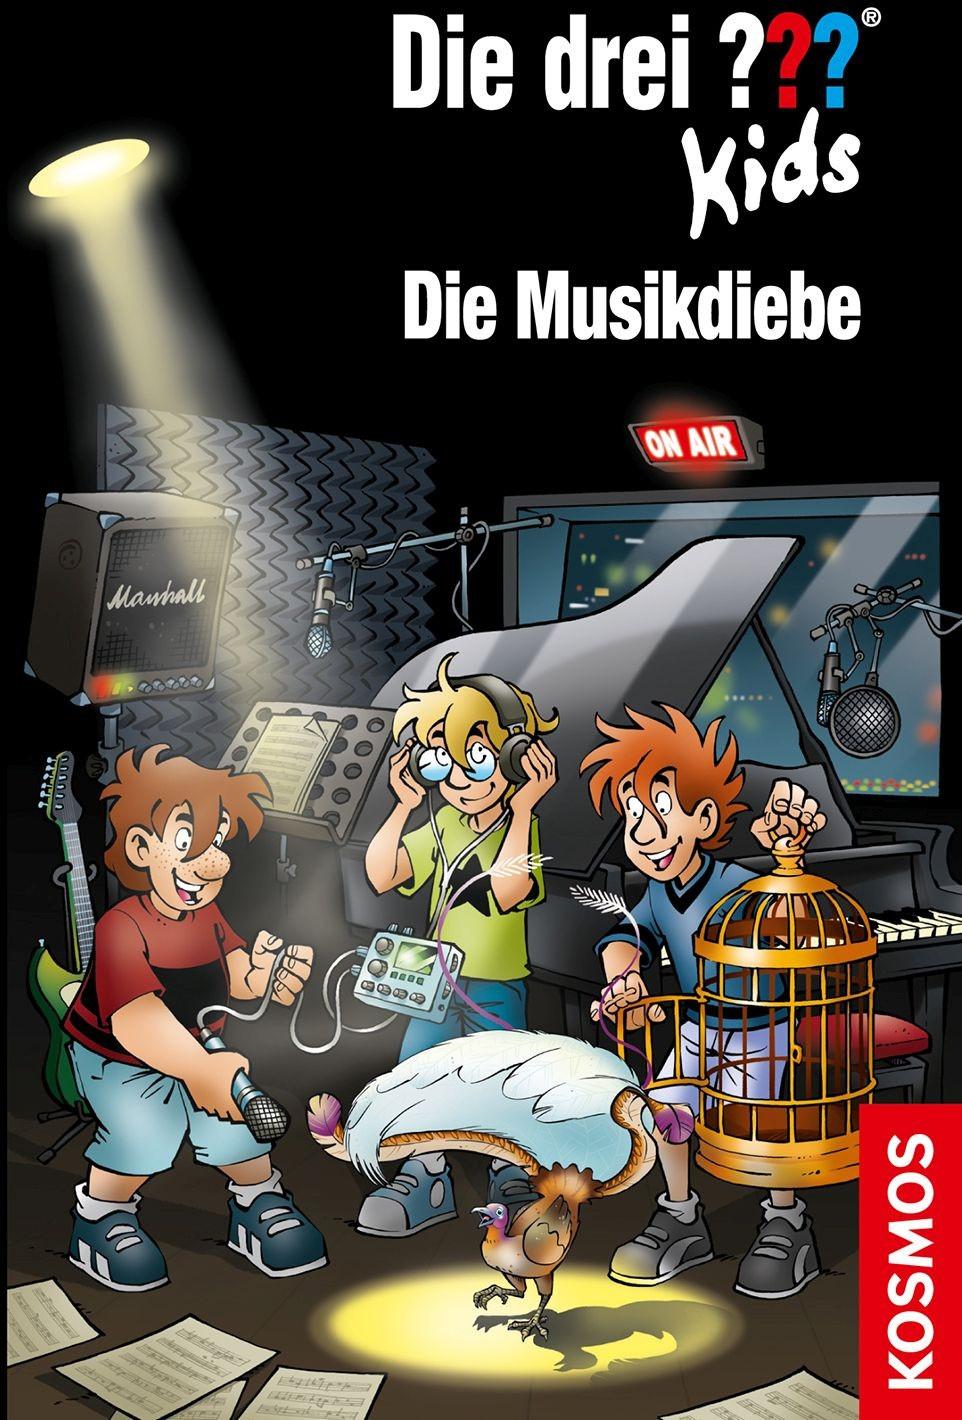 Image of Die drei ??? Kids 77 Die Musikdiebe (Boris Pfeiffer)